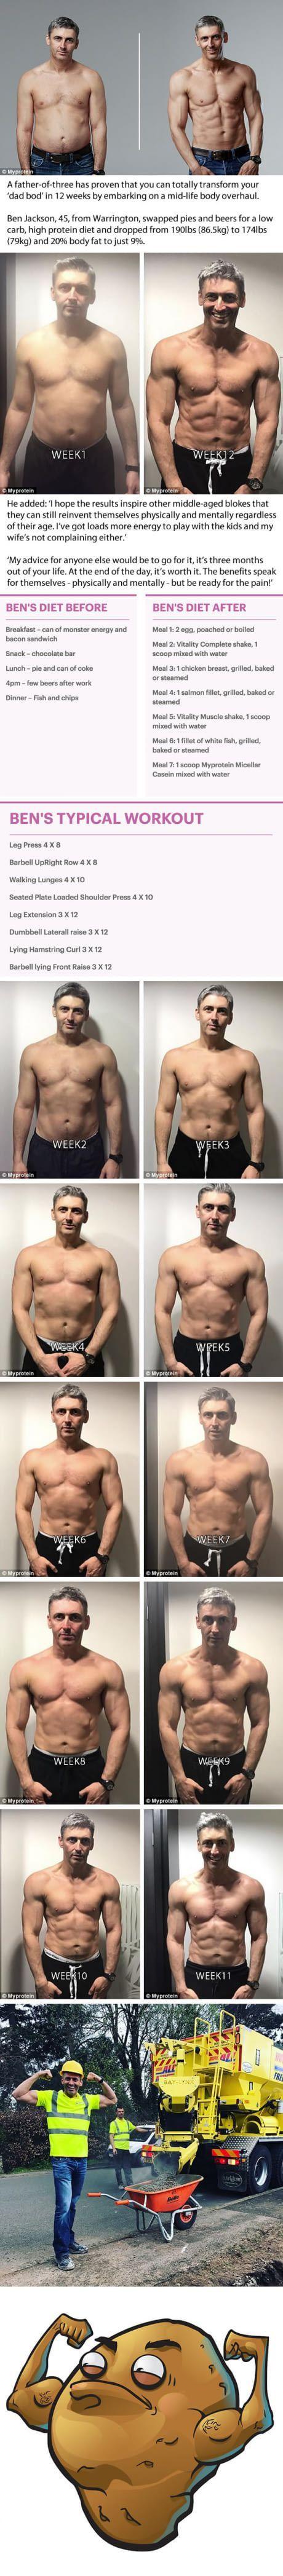 Der dreifache Vater, 45, enthüllt die Ergebnisse seiner unglaublichen 12-wöchigen Transformation – Yoga & Fitness